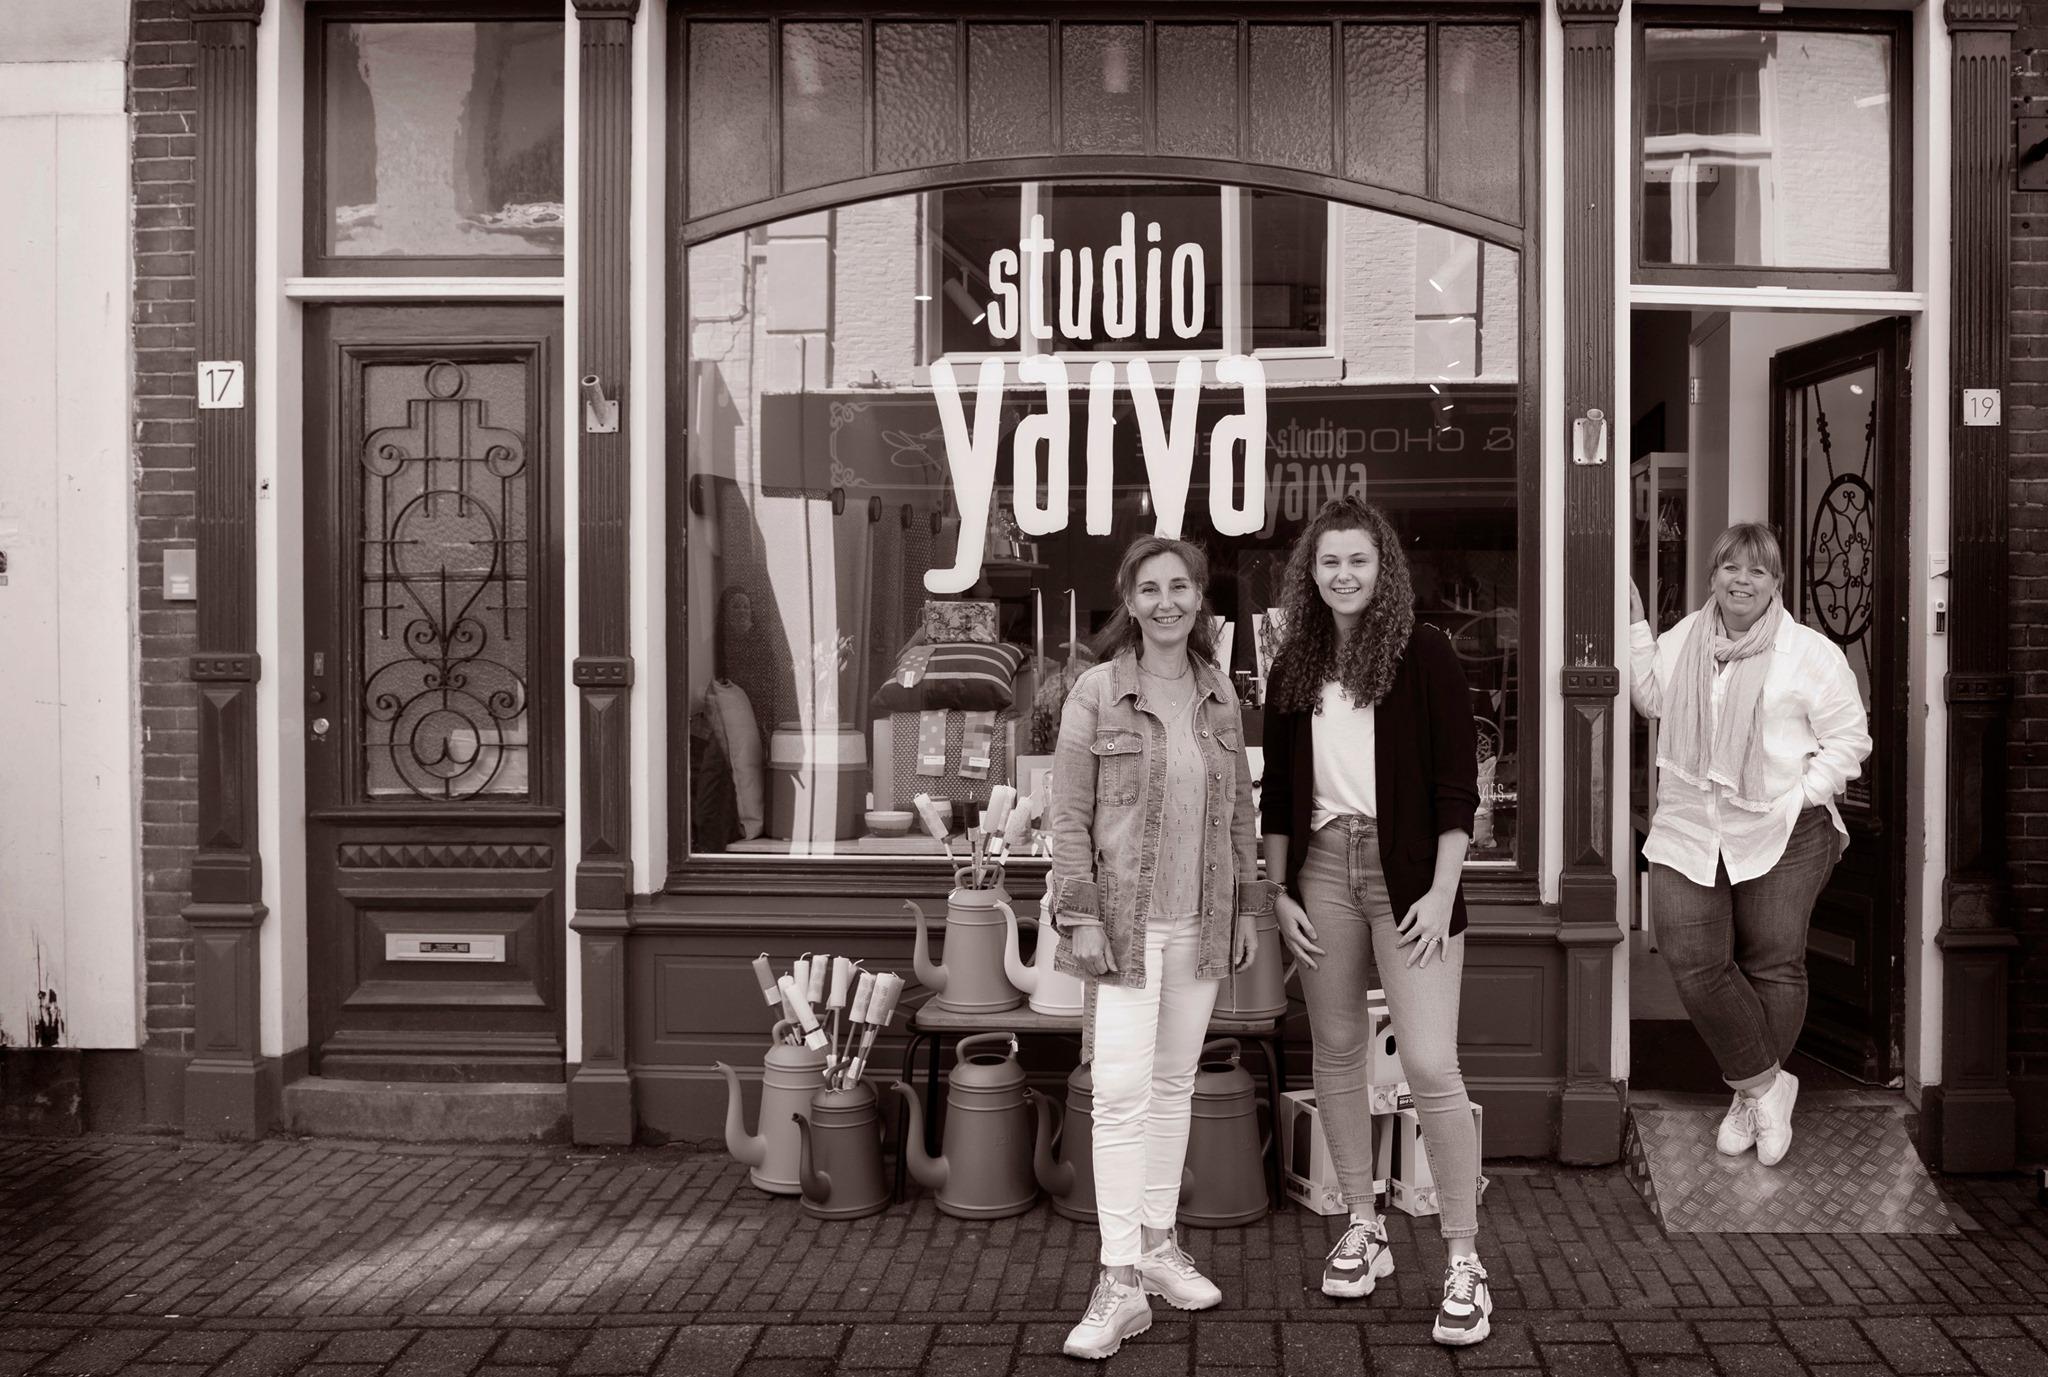 Afbeelding Studio Yaiya - Theaterwijzer